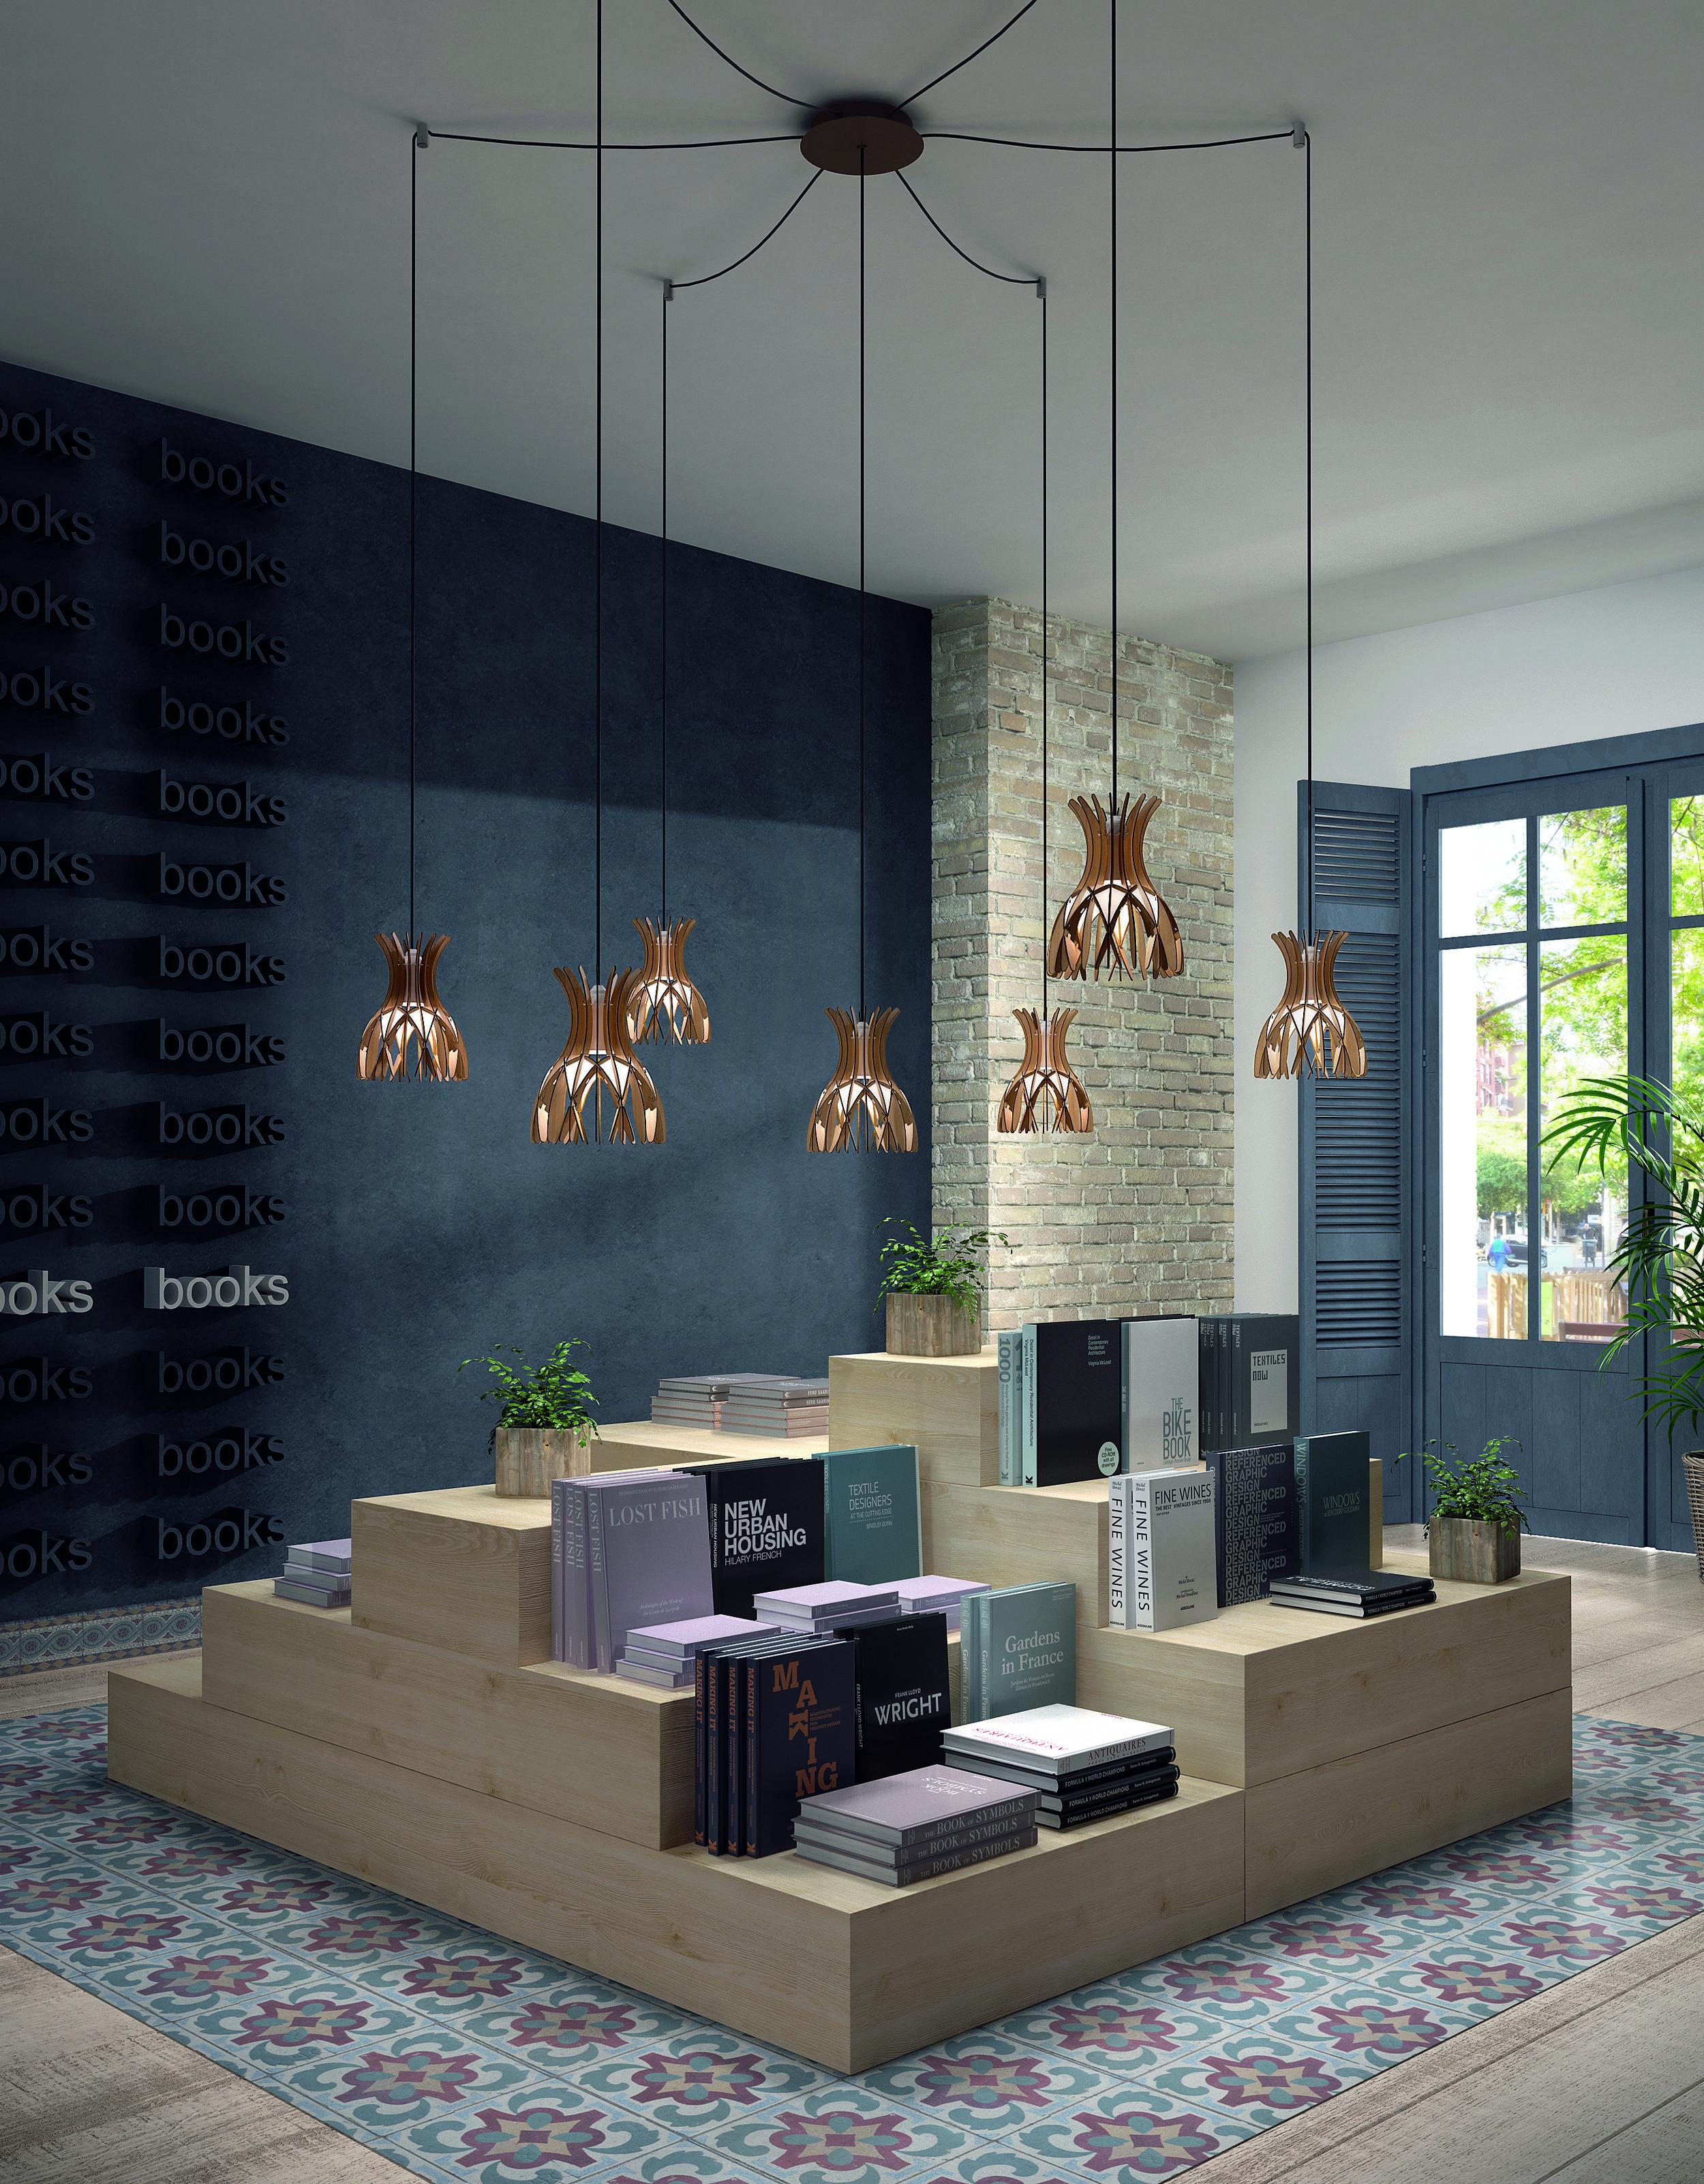 Domita  S/20/7L pendant light, Euroluce 2019 ⓒ Bover Design:  Benedetta Tagliabue  and Joana Bover